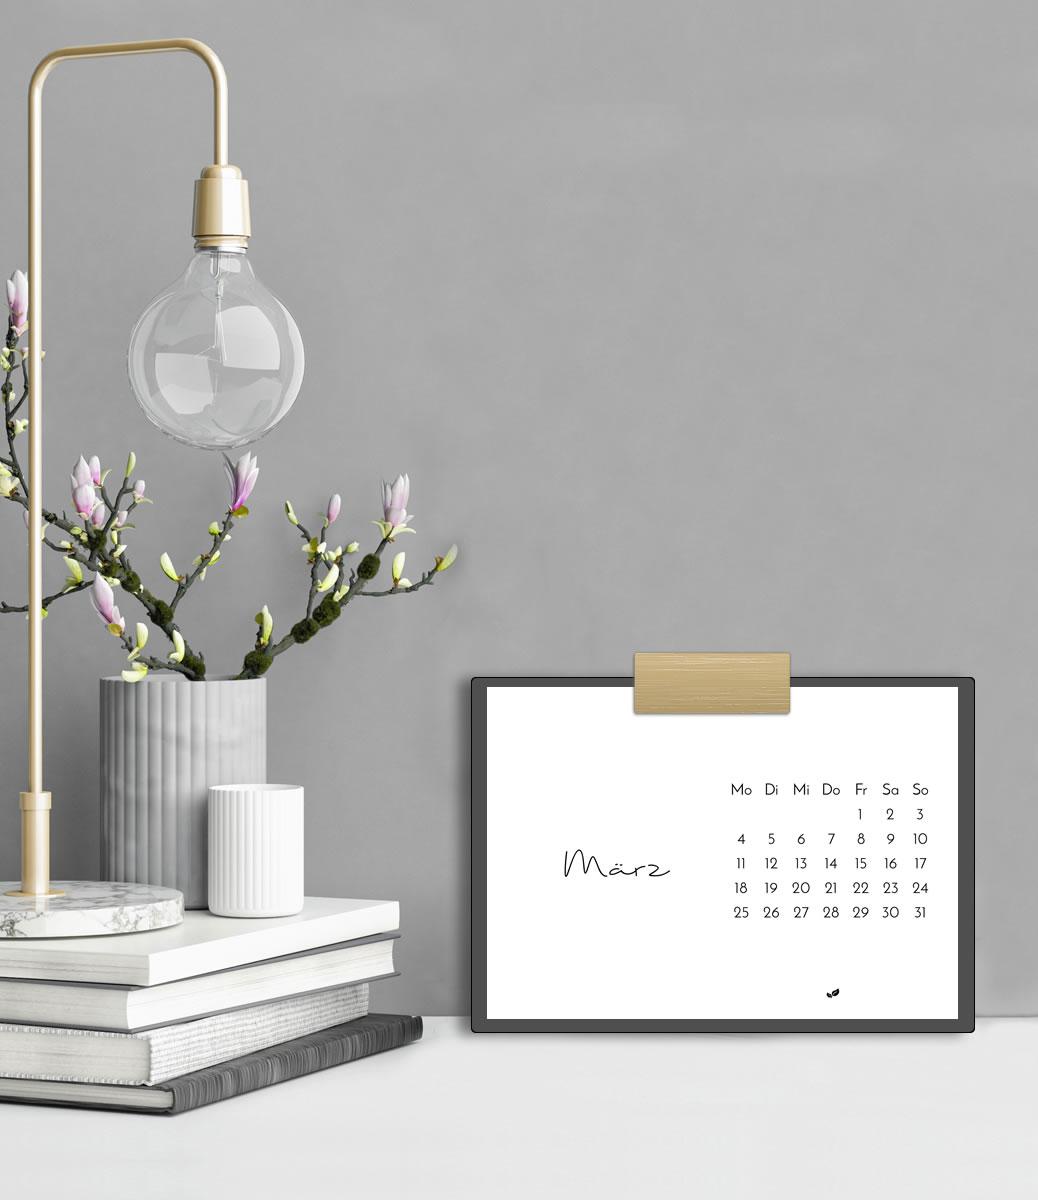 Minimalistischer Tischkalender 2019 (Druckvorlage/Printable, A5)   Stylischer Schreibtisch-Helfer & Arbeitszimmer-Deko   Filizity.com   Interior- & DIY-Blog und Shop #kalender #calendar